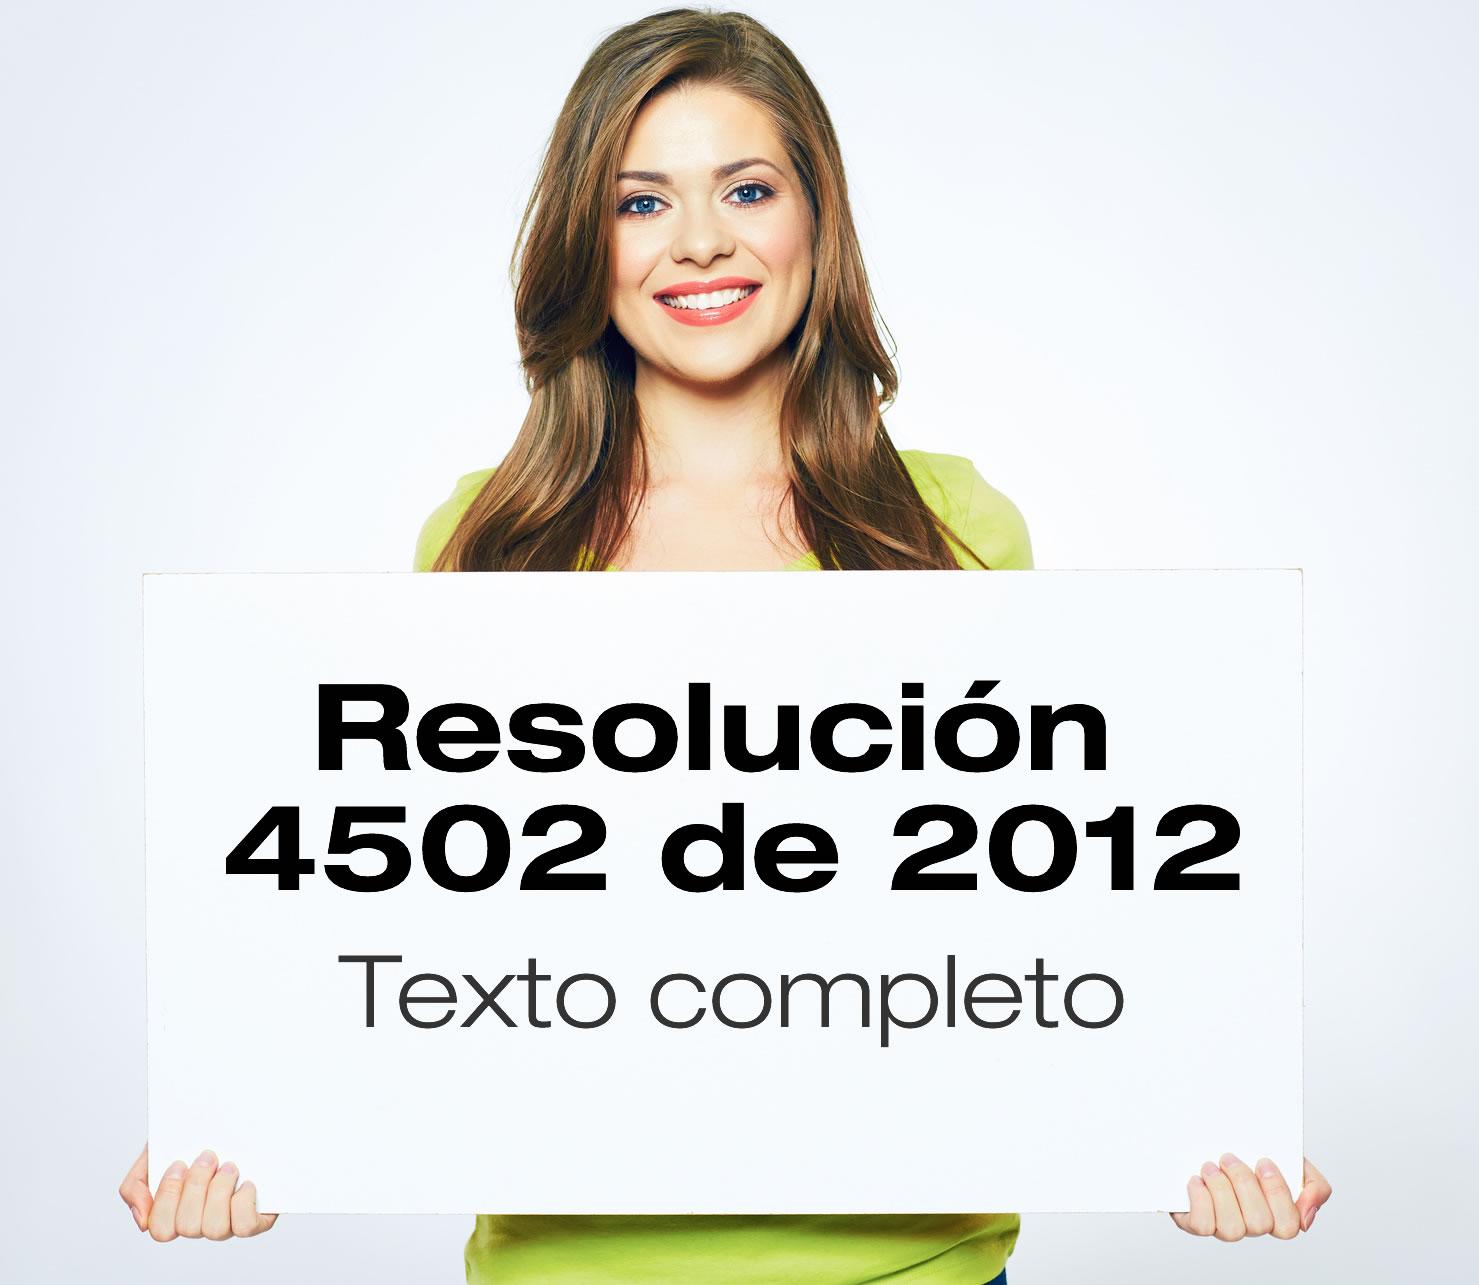 Resolución 4502 de 2012